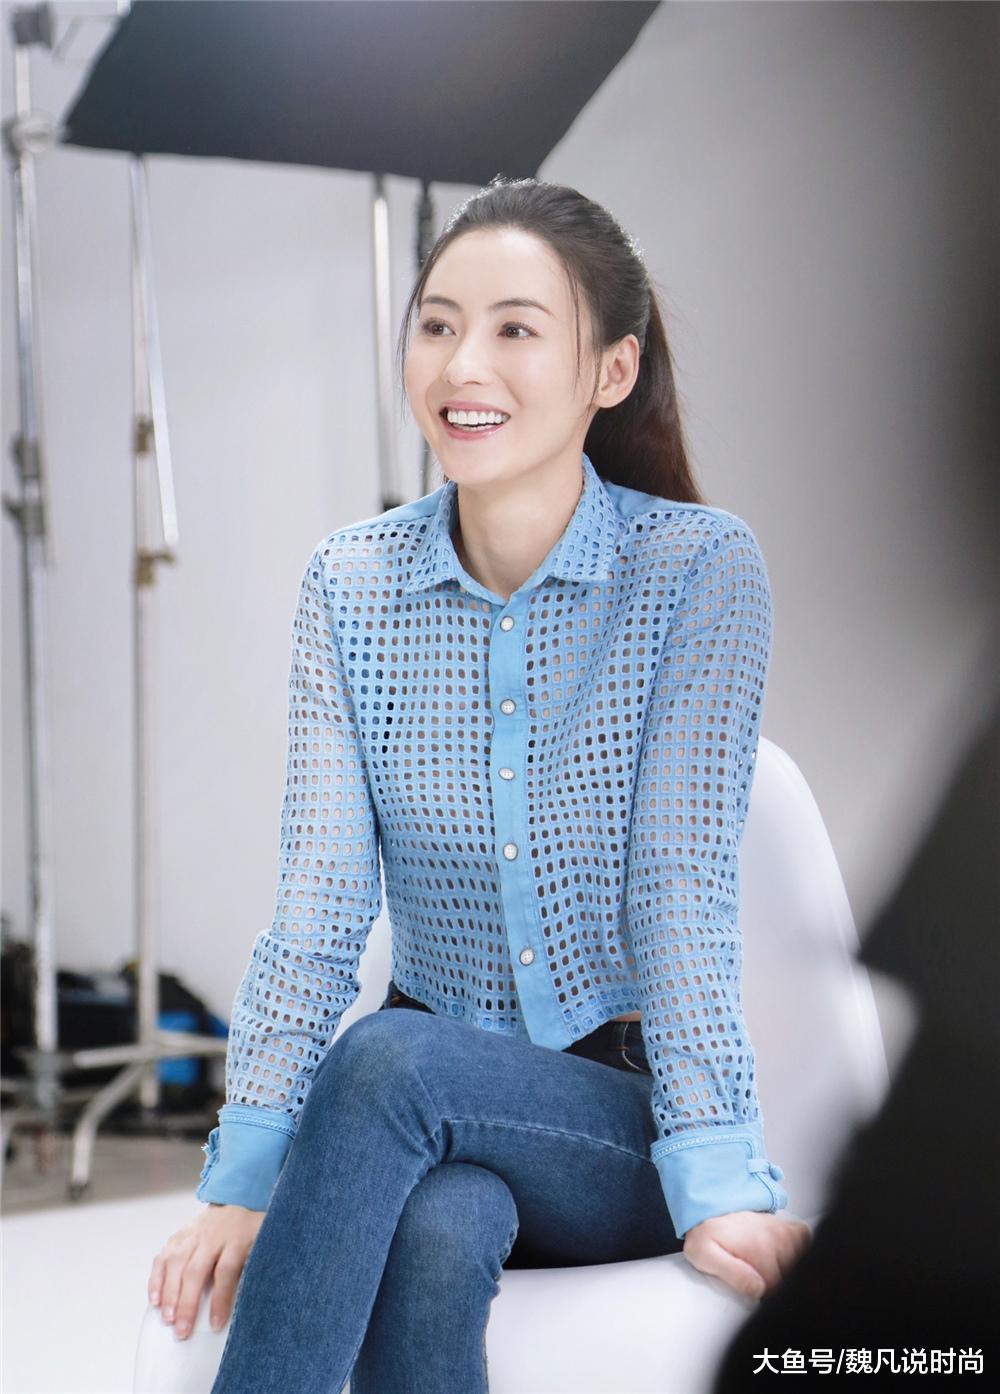 张柏芝最新发型,高马尾重回颜值顶峰,衬衫配牛仔裤少女感谦谦!